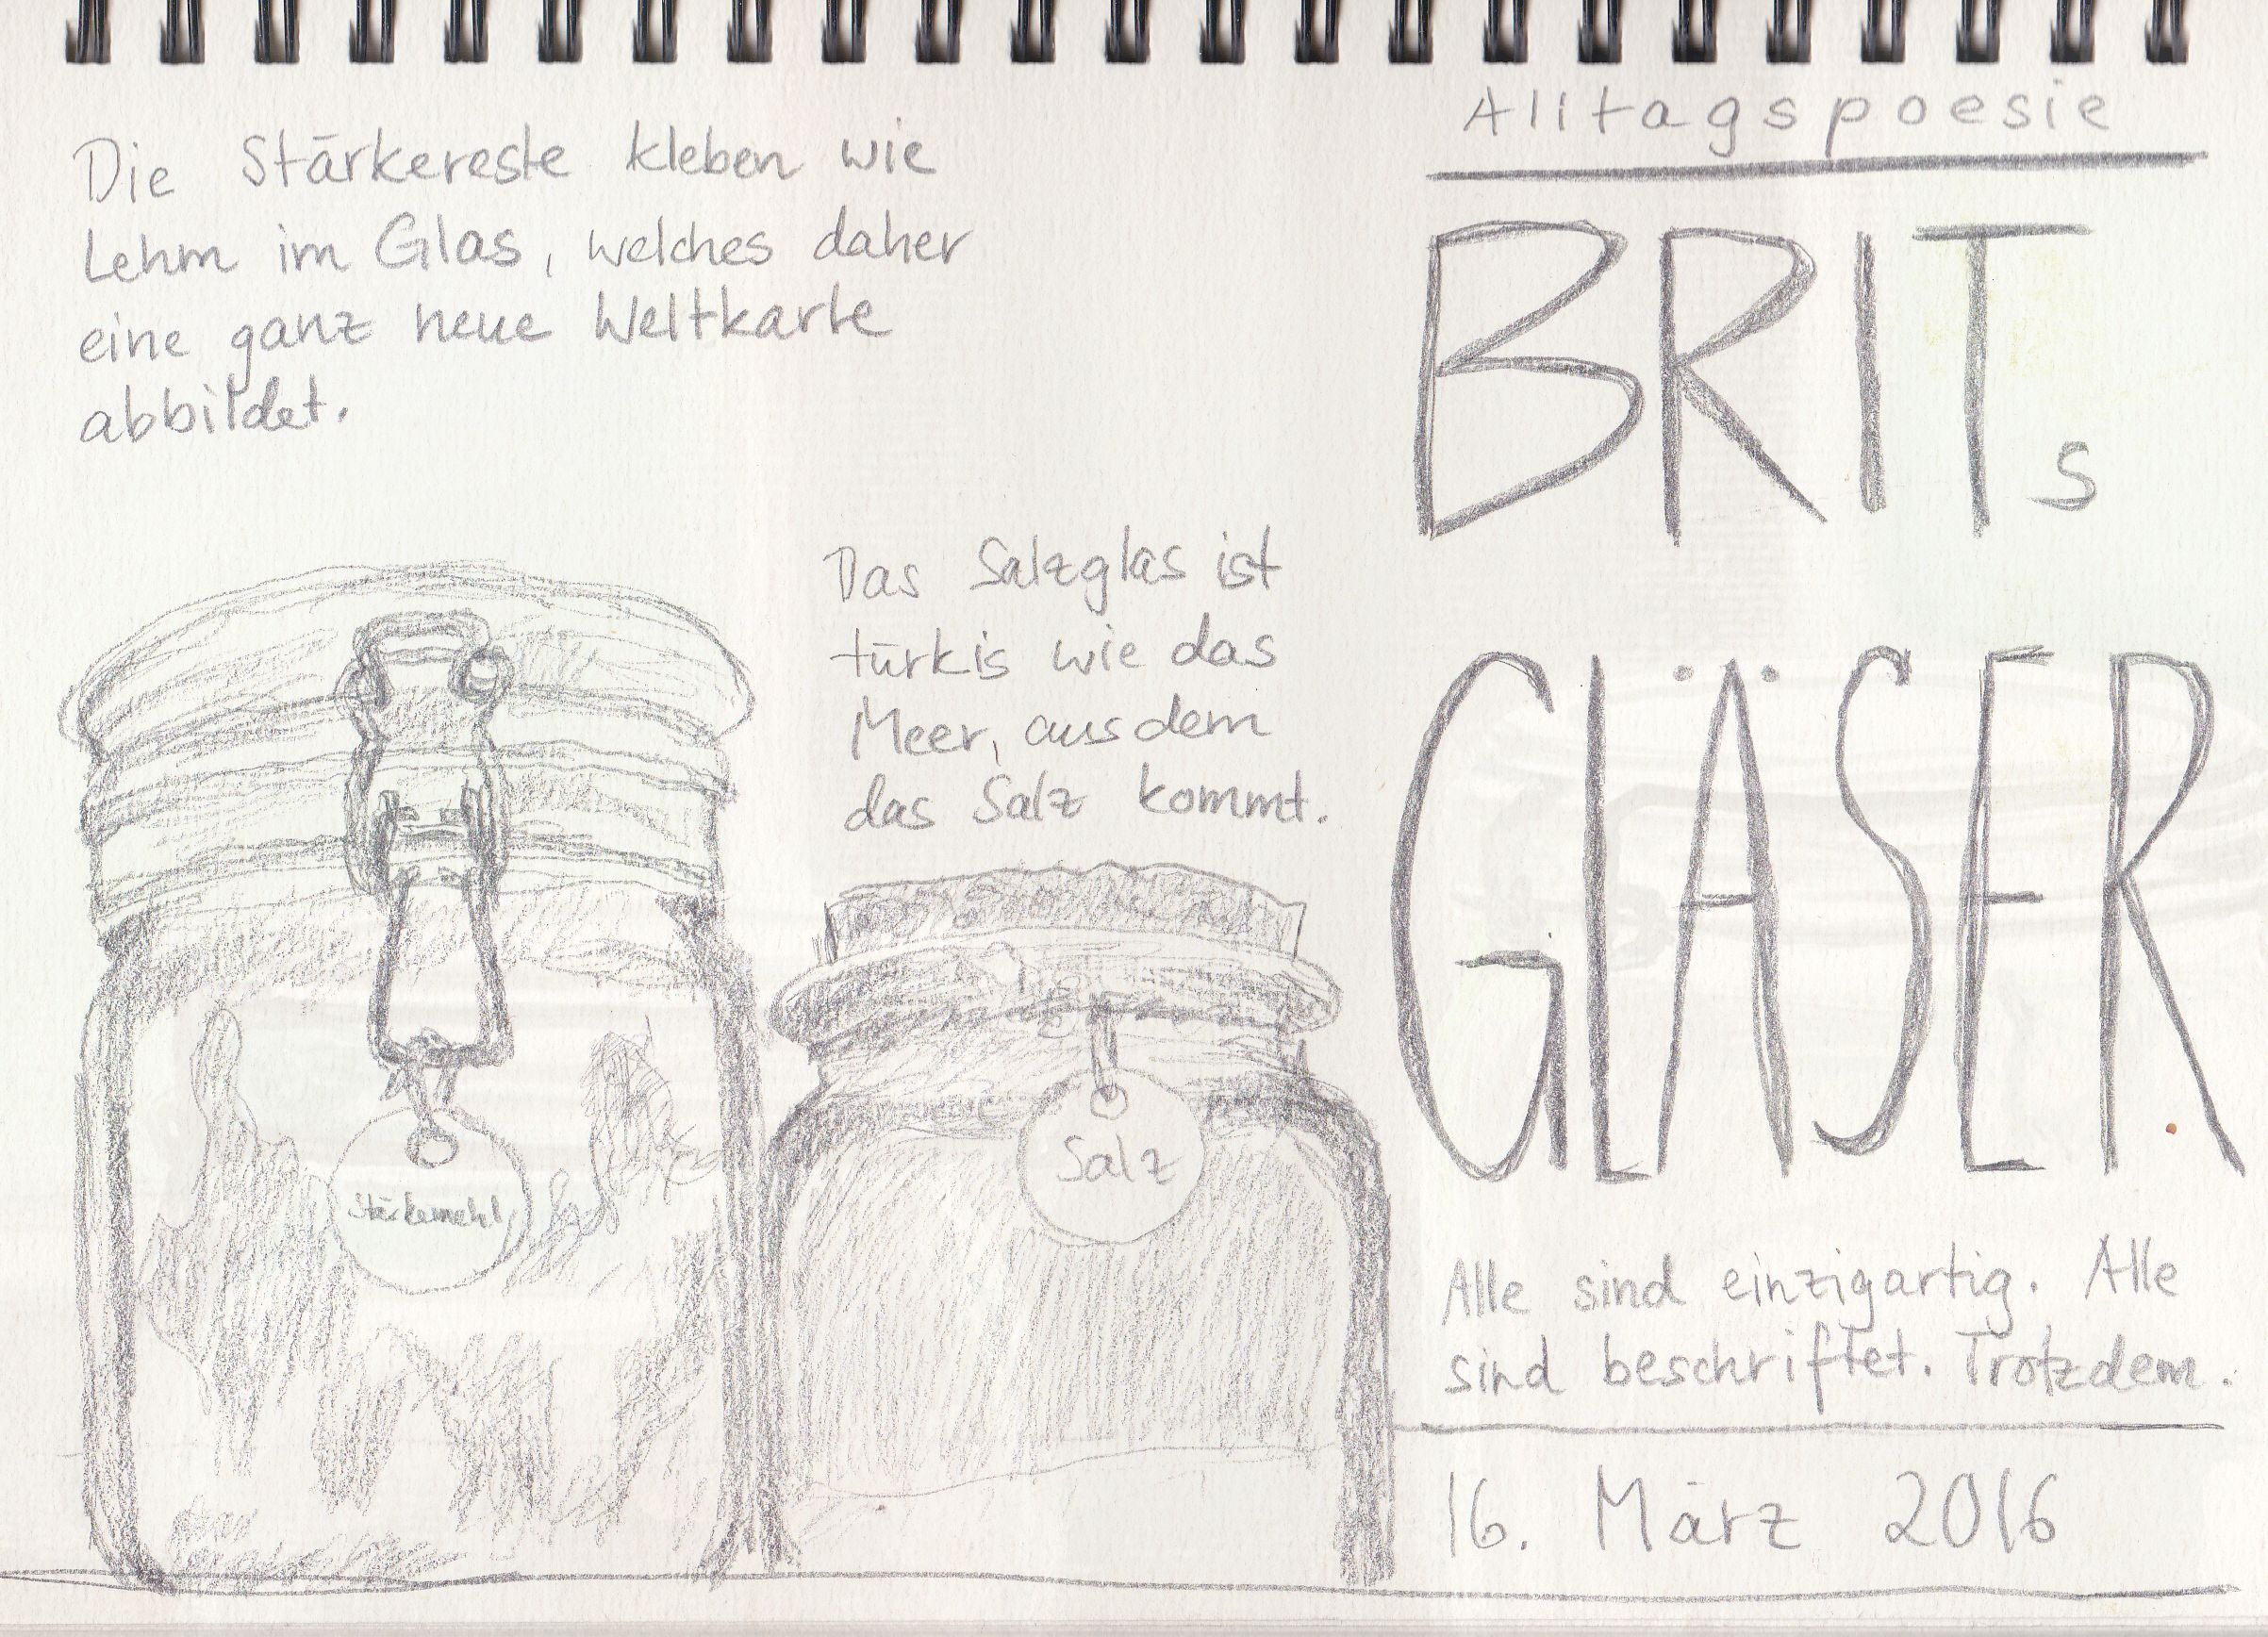 Brits-Gläser